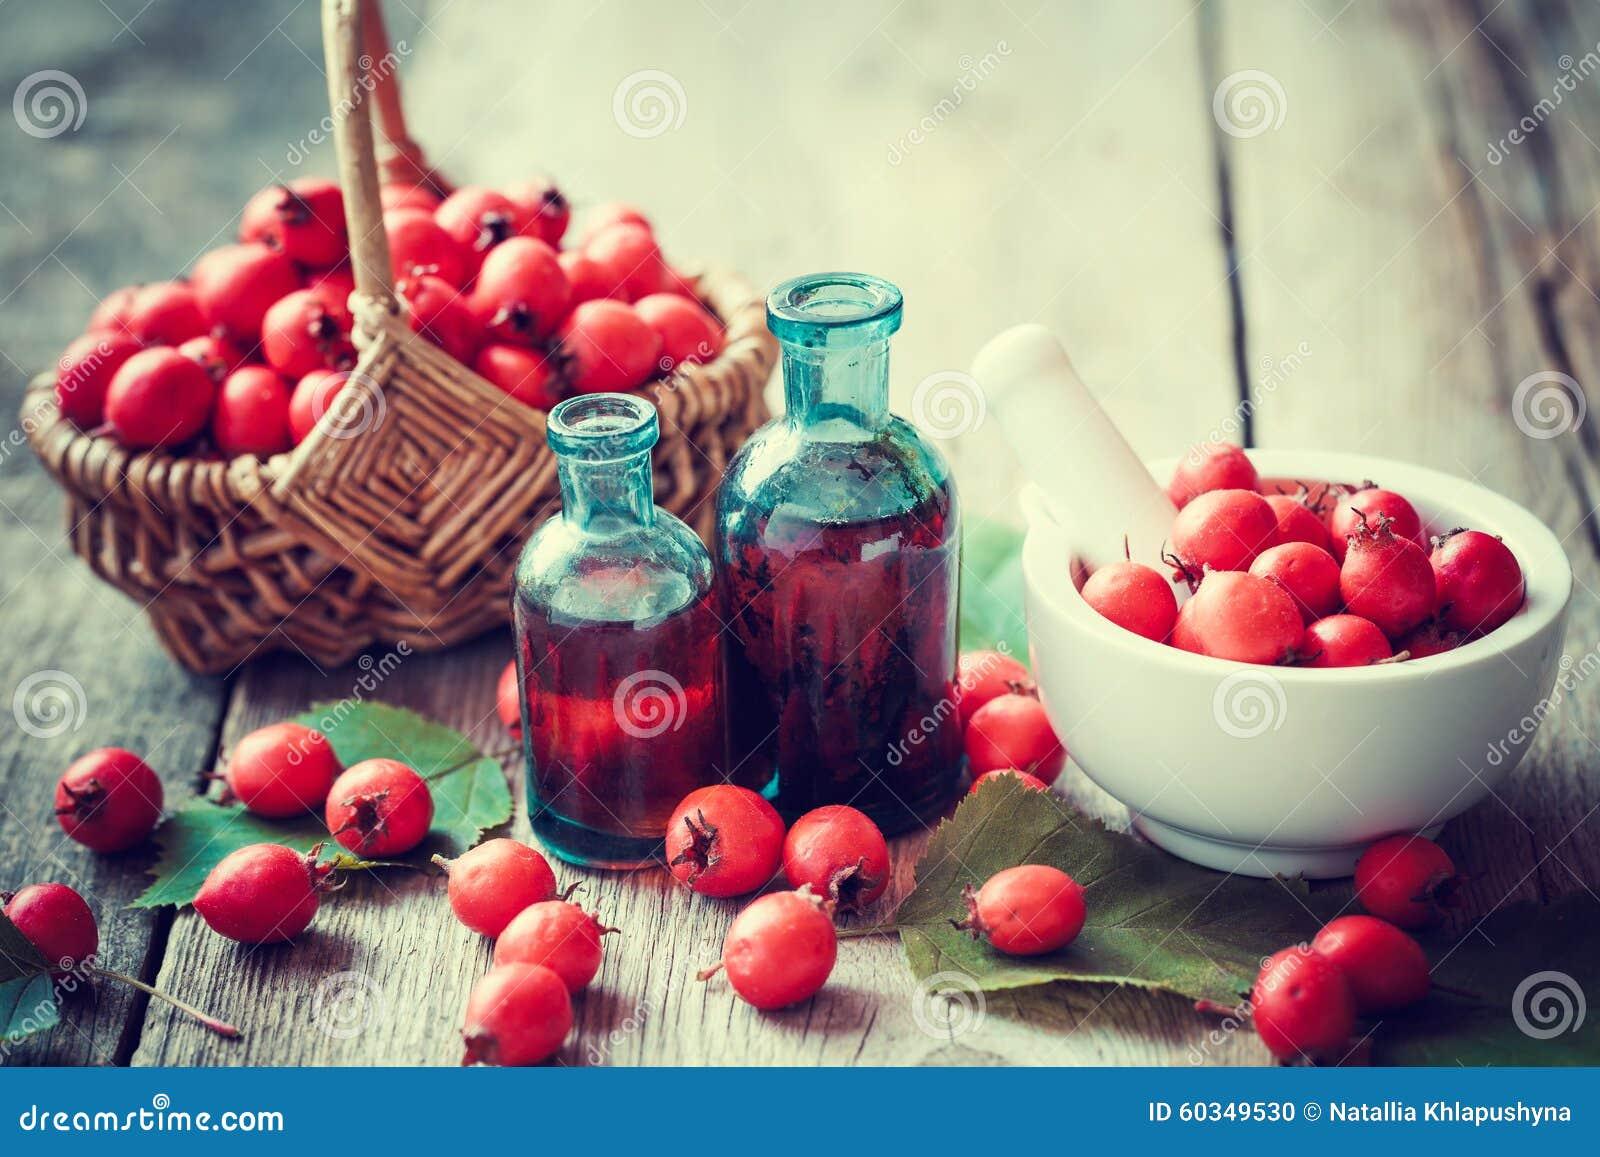 Mortel av hagtornbär, tinkturflaskor och taggäpplet i korg